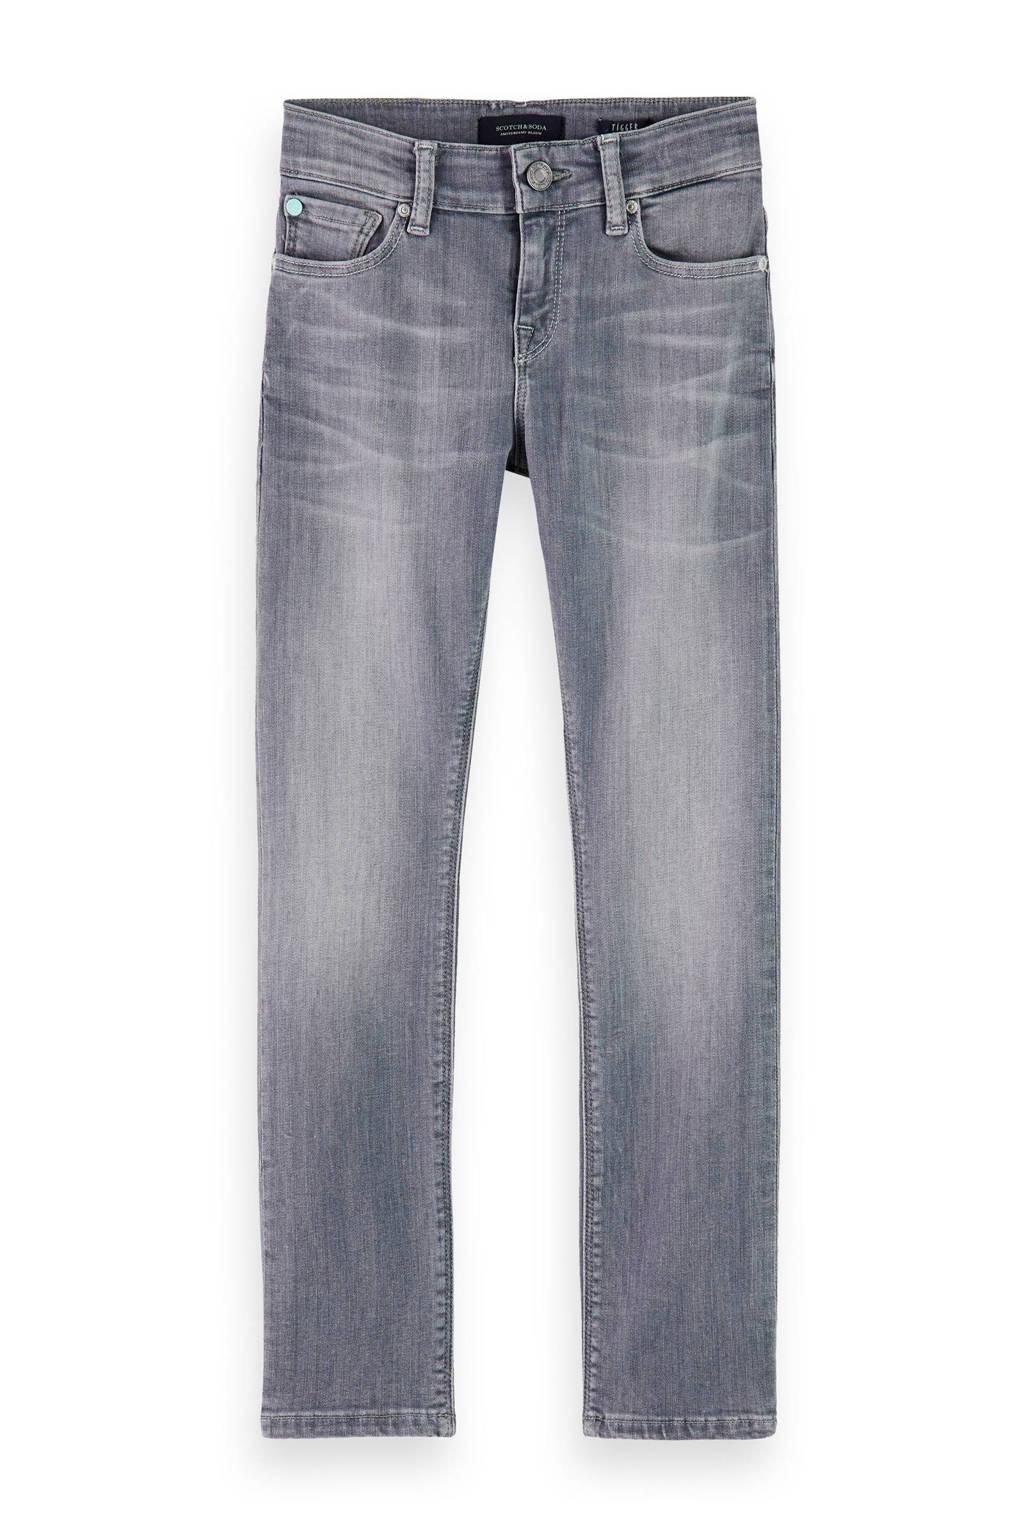 Scotch & Soda super skinny jeans grijs stonewashed, Grijs stonewashed